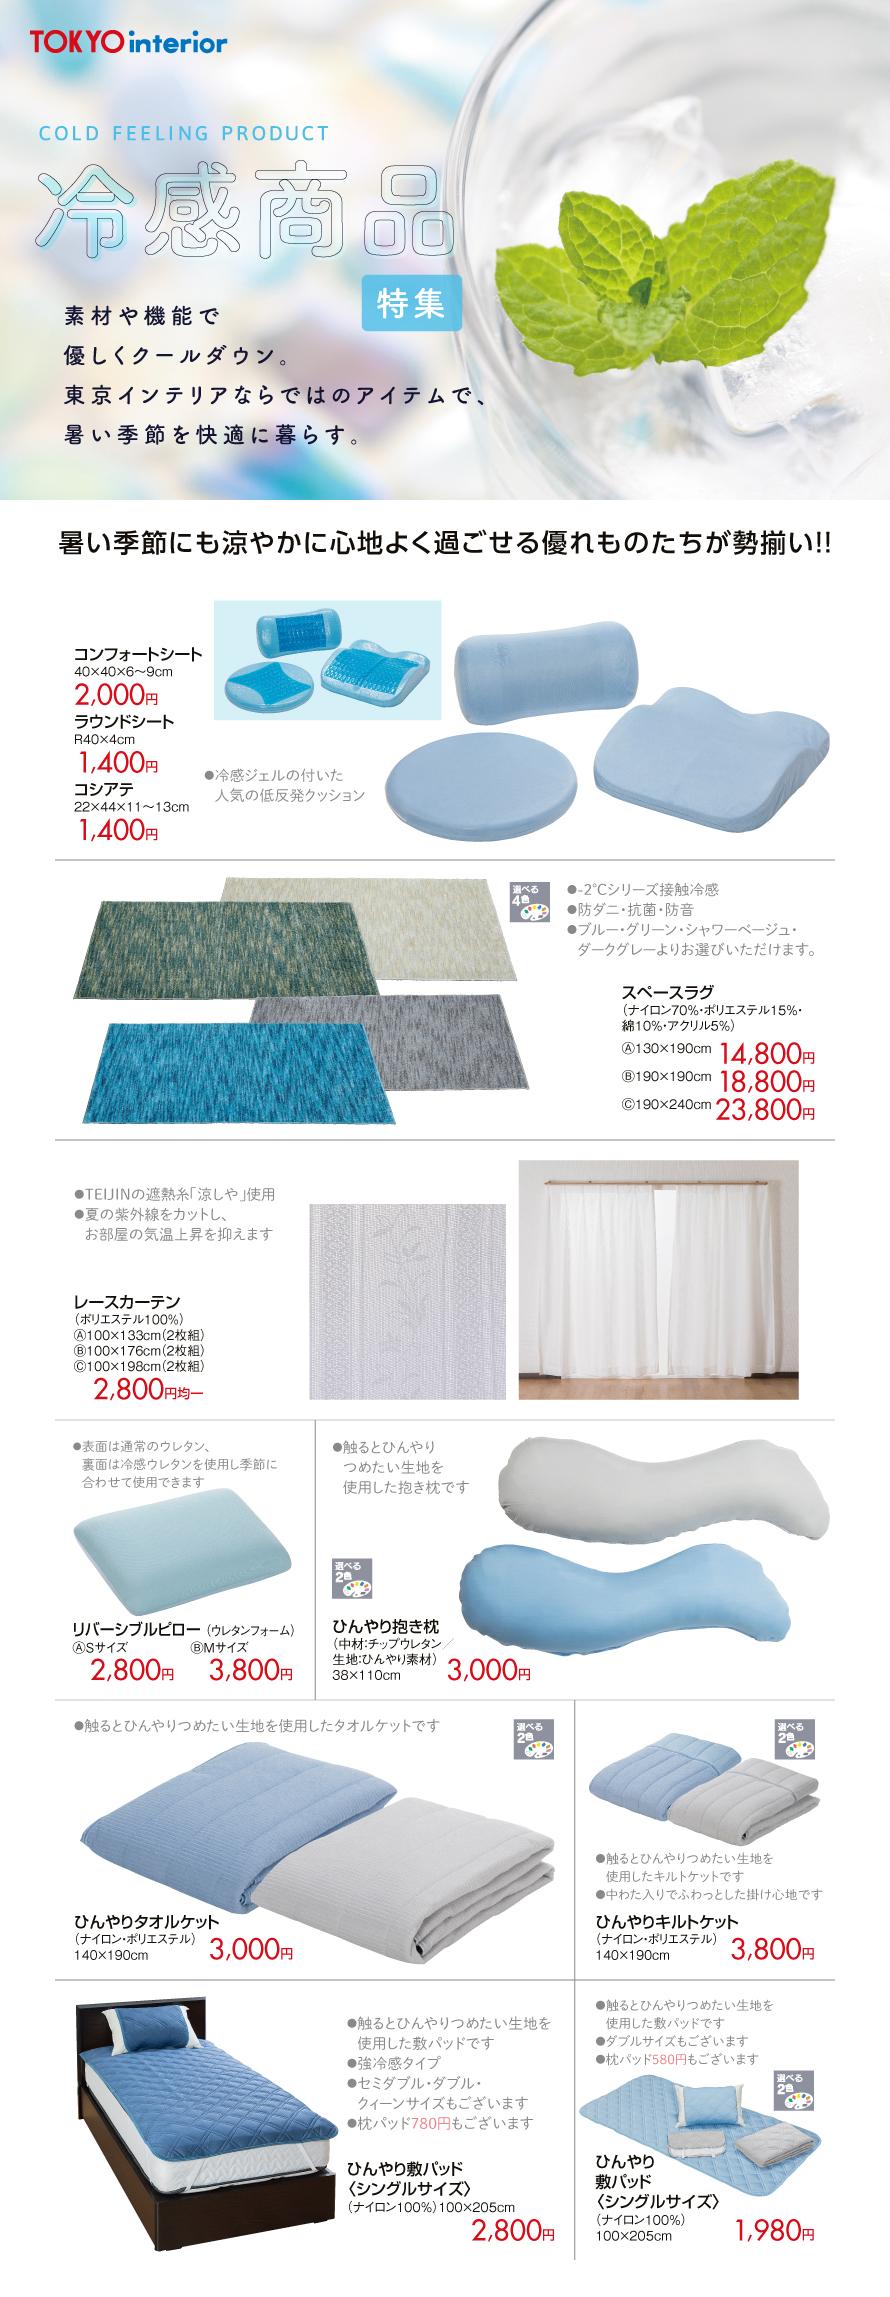 東京インテリア_HP_冷感商品特集03.jpg